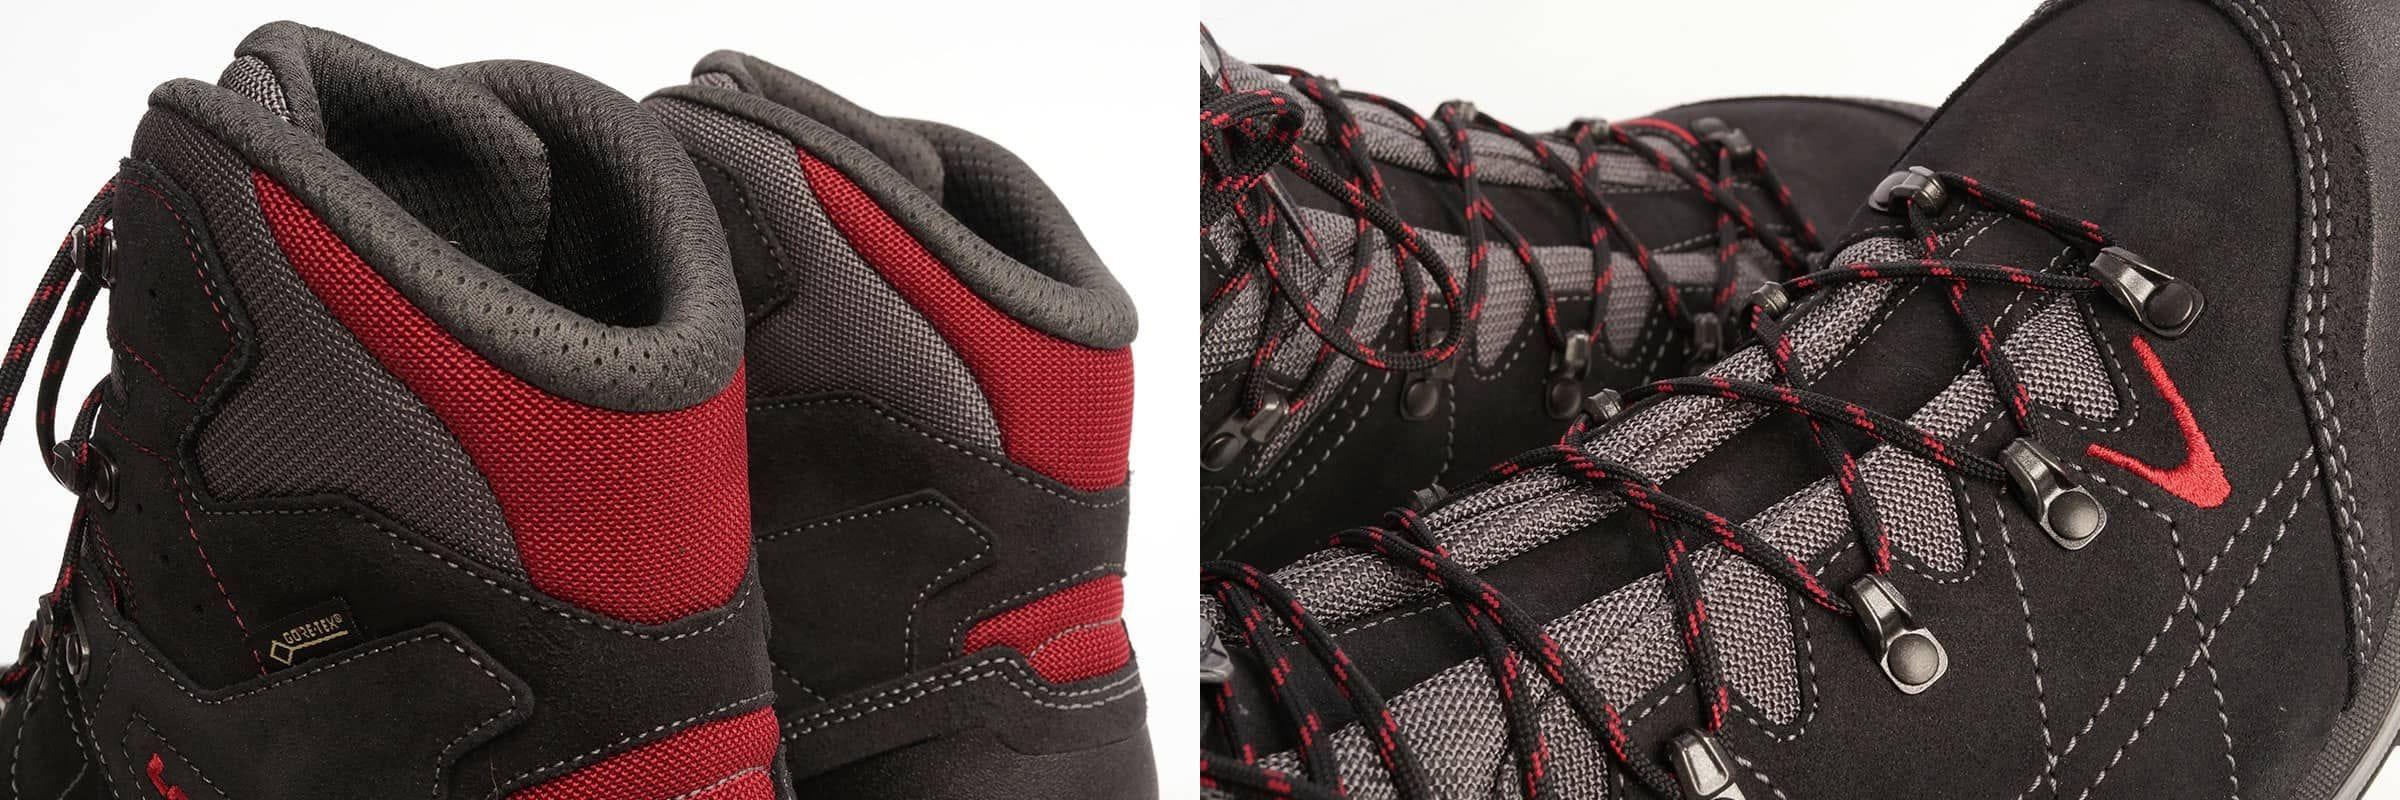 beste Schuhe Weltweit Versandkostenfrei Finden Sie den niedrigsten Preis Lowa Vantage GTX Mid Hiking Boots Reviewed | Altitude Blog